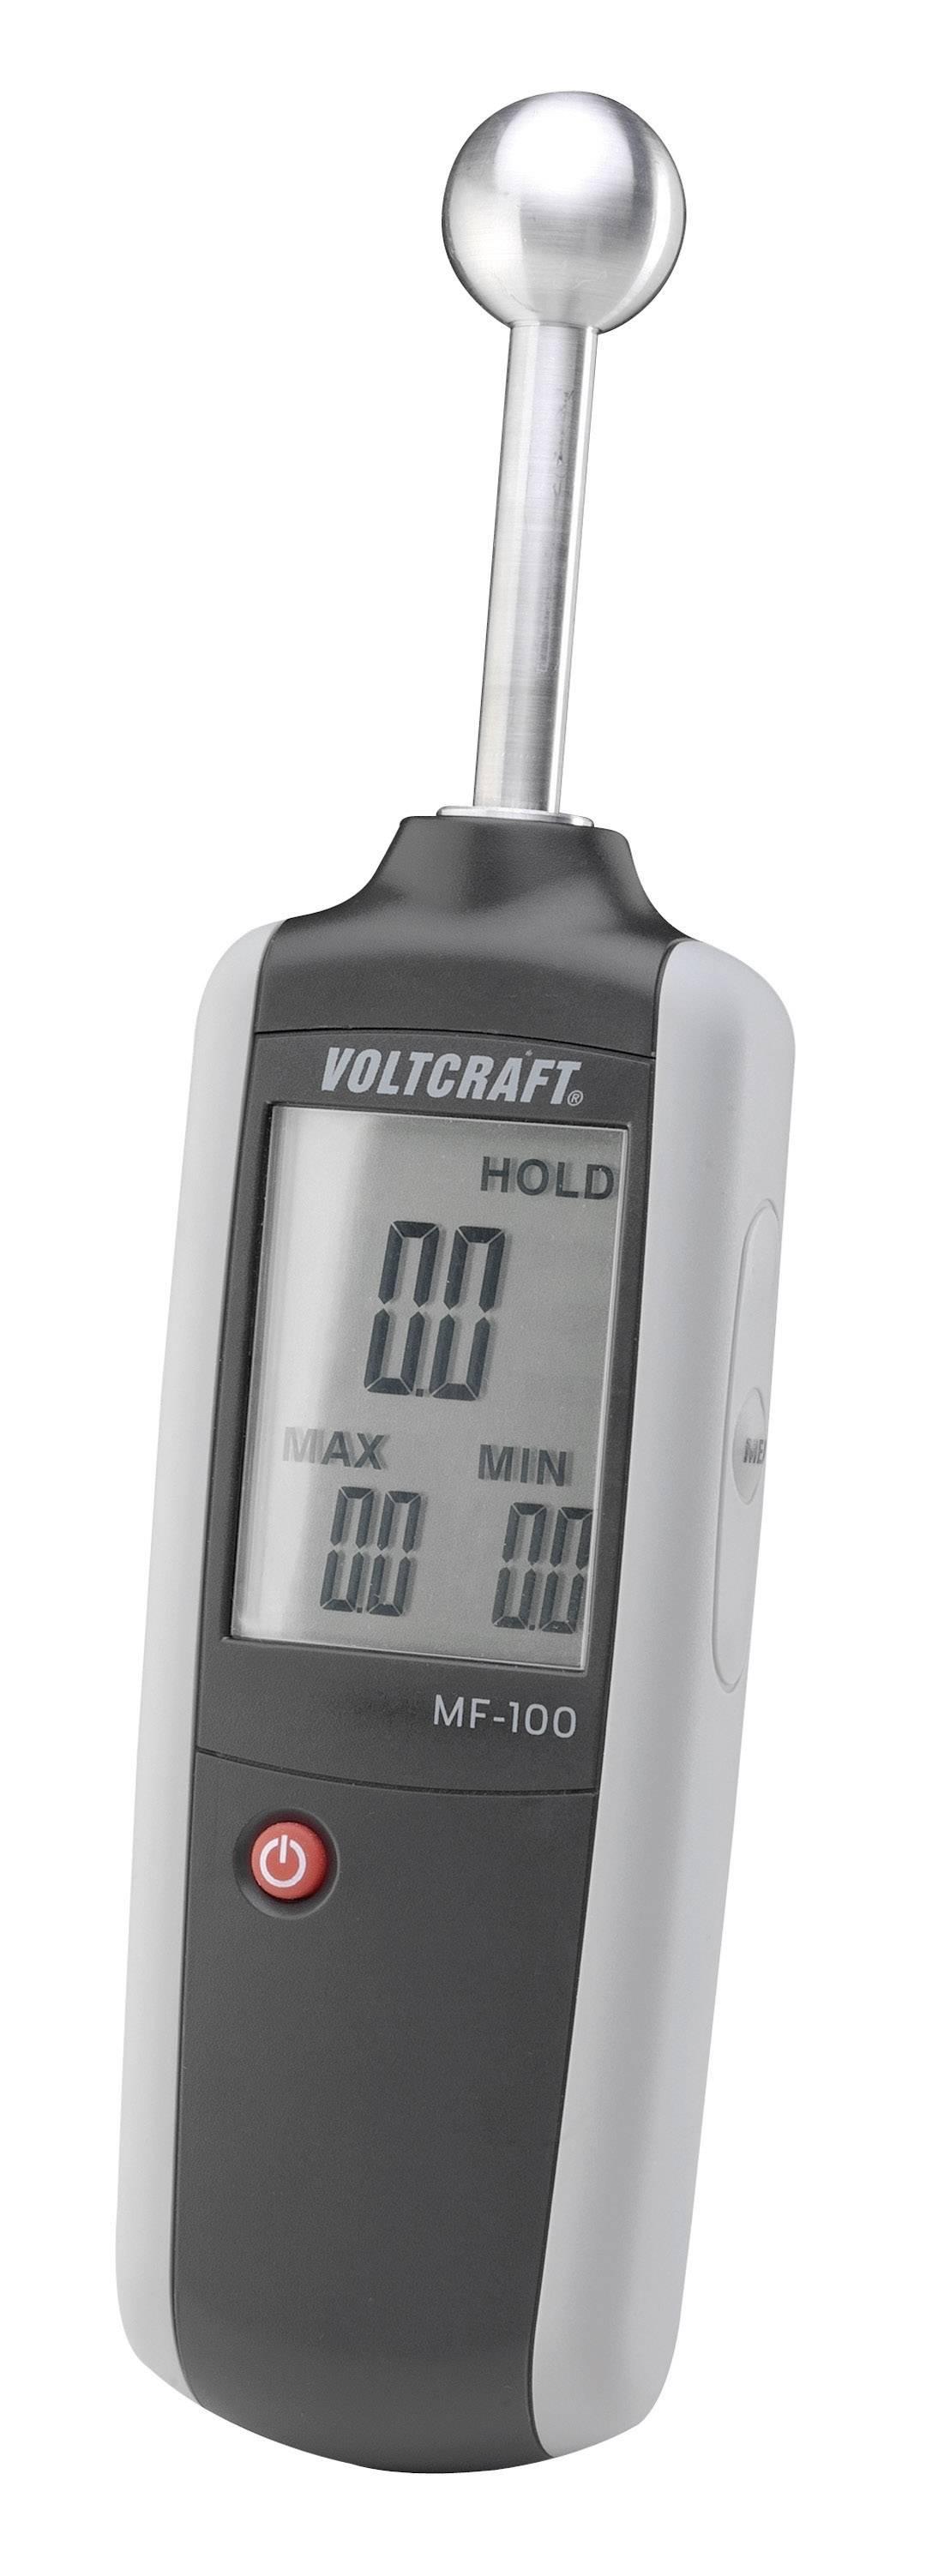 Merač vlhkosti dreva a stavebných materiálov Voltcraft MF-100